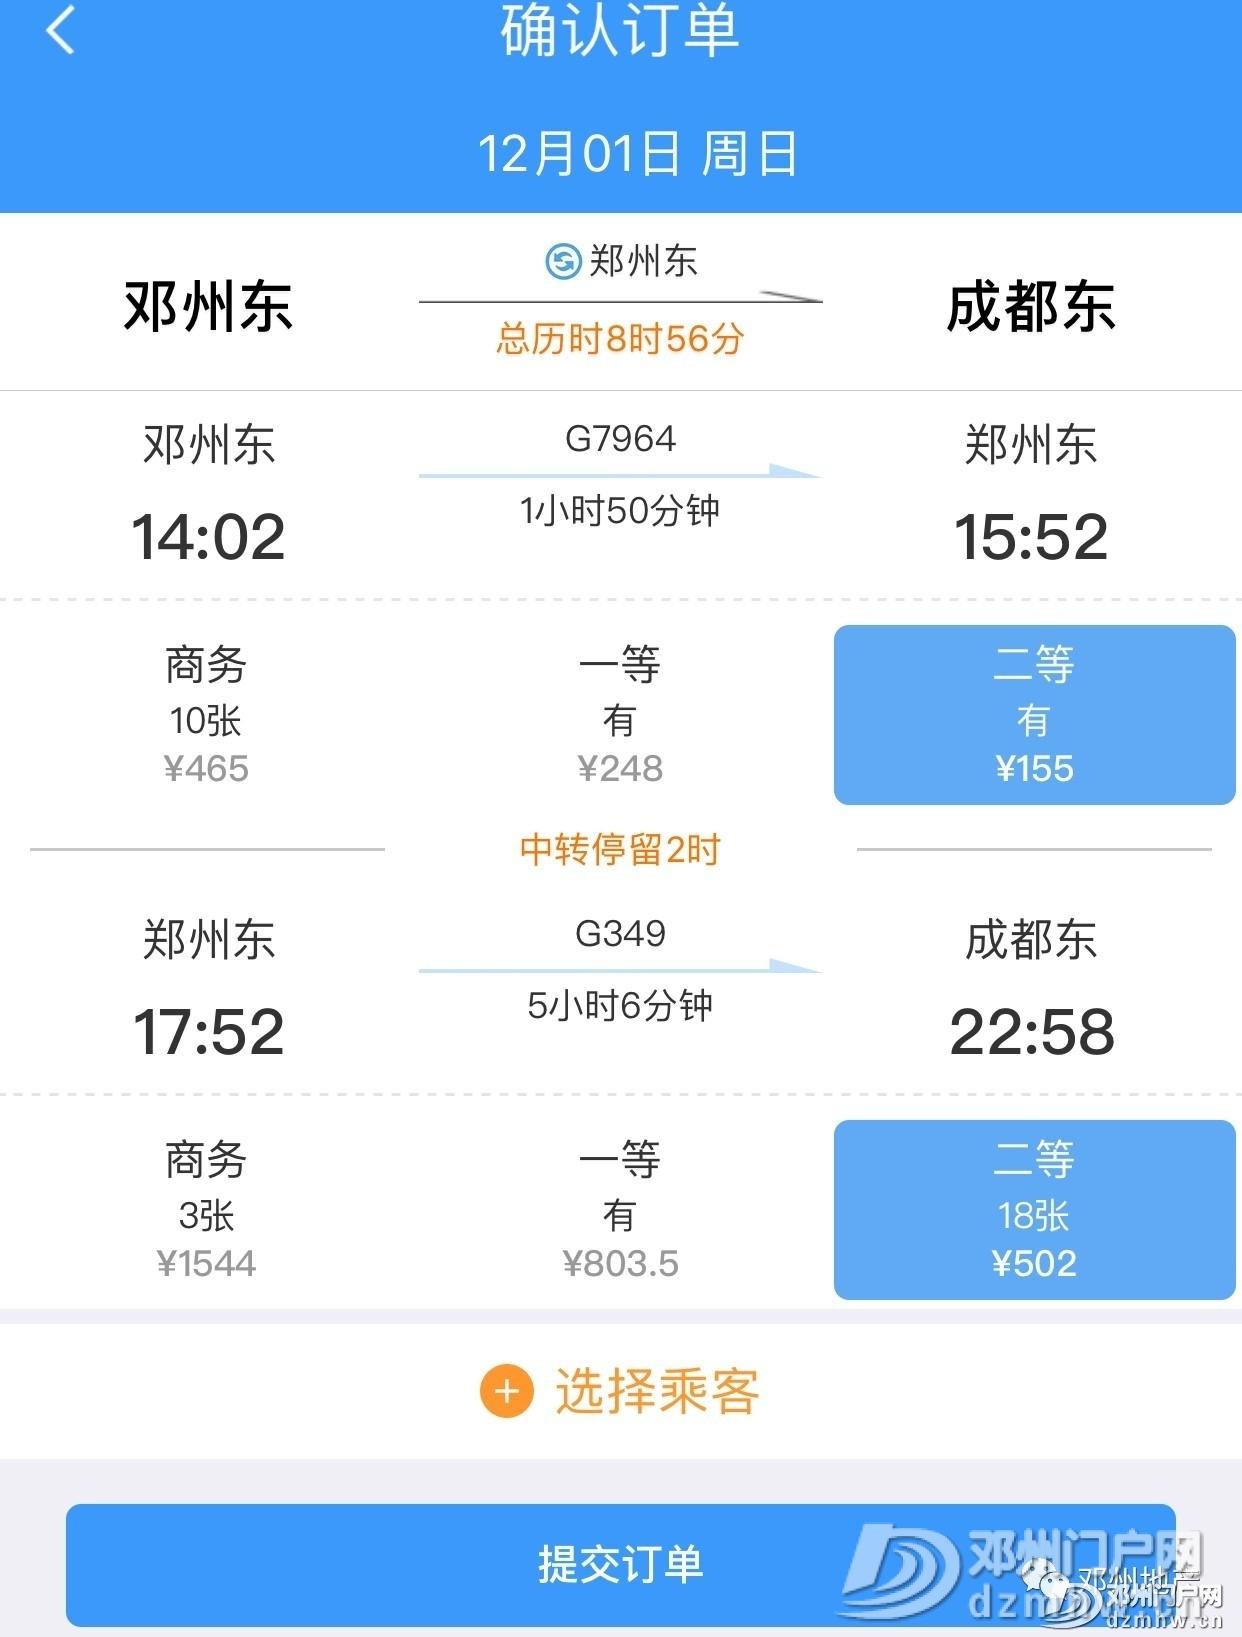 邓州高铁通往北上广深杭津成等城市票价和时刻表来了 - 邓州门户网 邓州网 - a6995f53bbab8ce93debaf838bd7a607.jpg